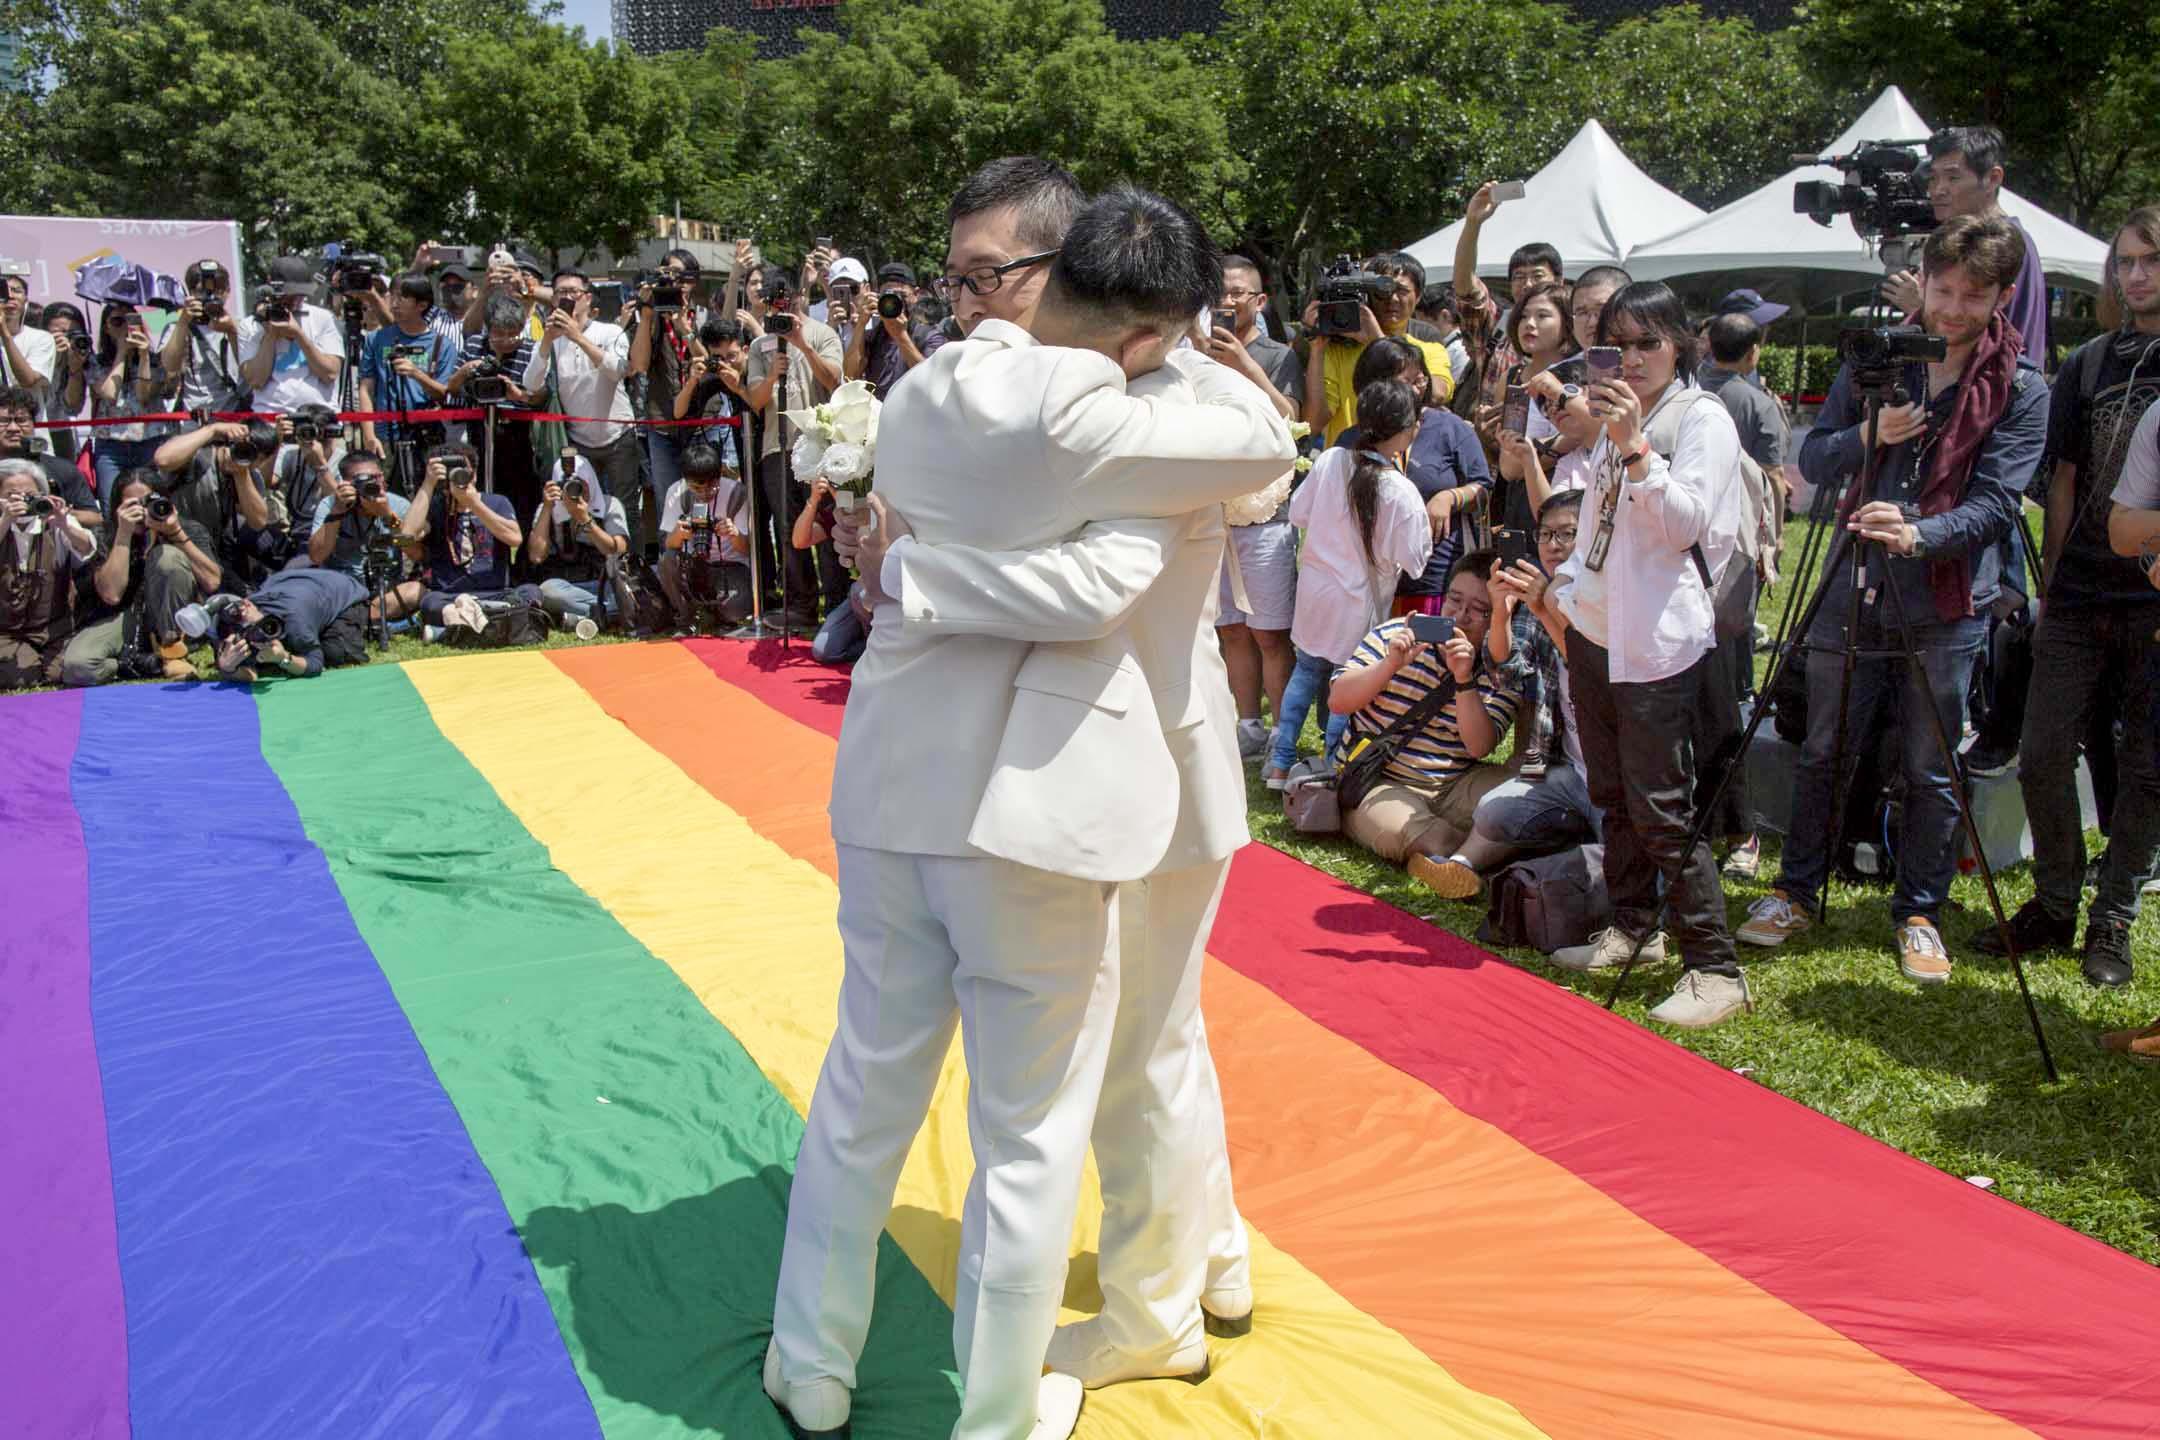 2019年5月24日,婚權平台與台北市政府民政局合辦「幸福起跑線Wedding Party」,新婚同志在彩虹旗上擁抱。 攝:林振東/端傳媒